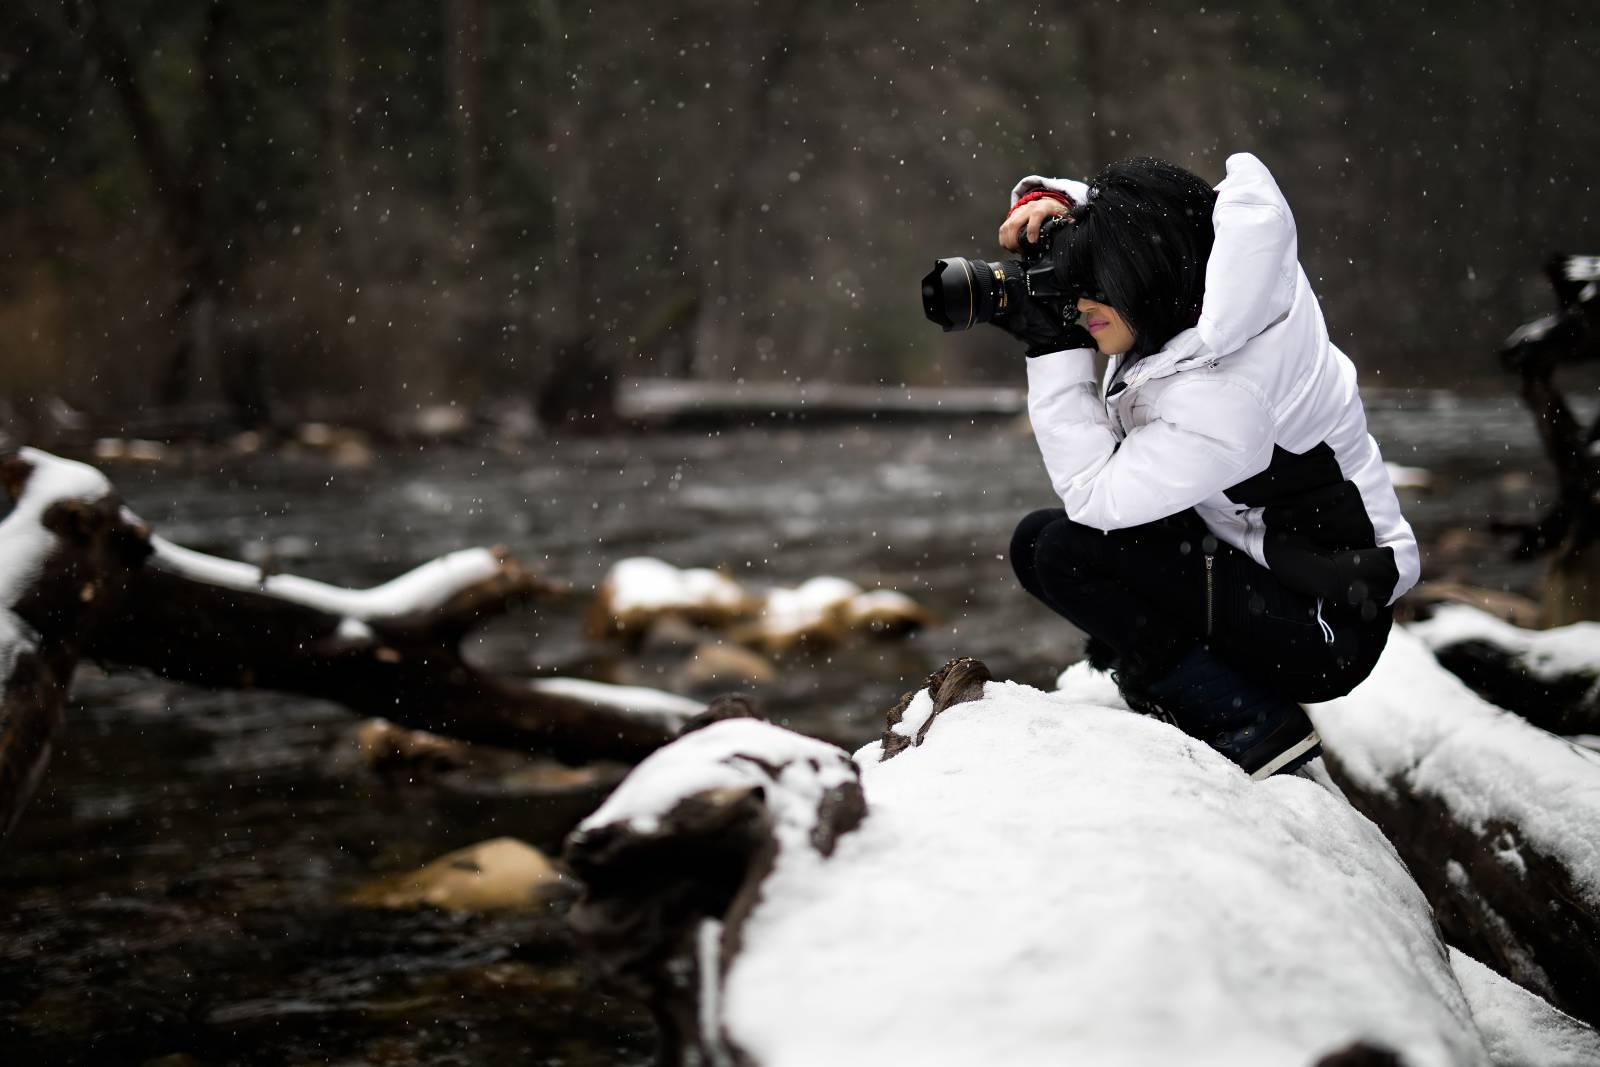 Recursos para fotografía en exteriores